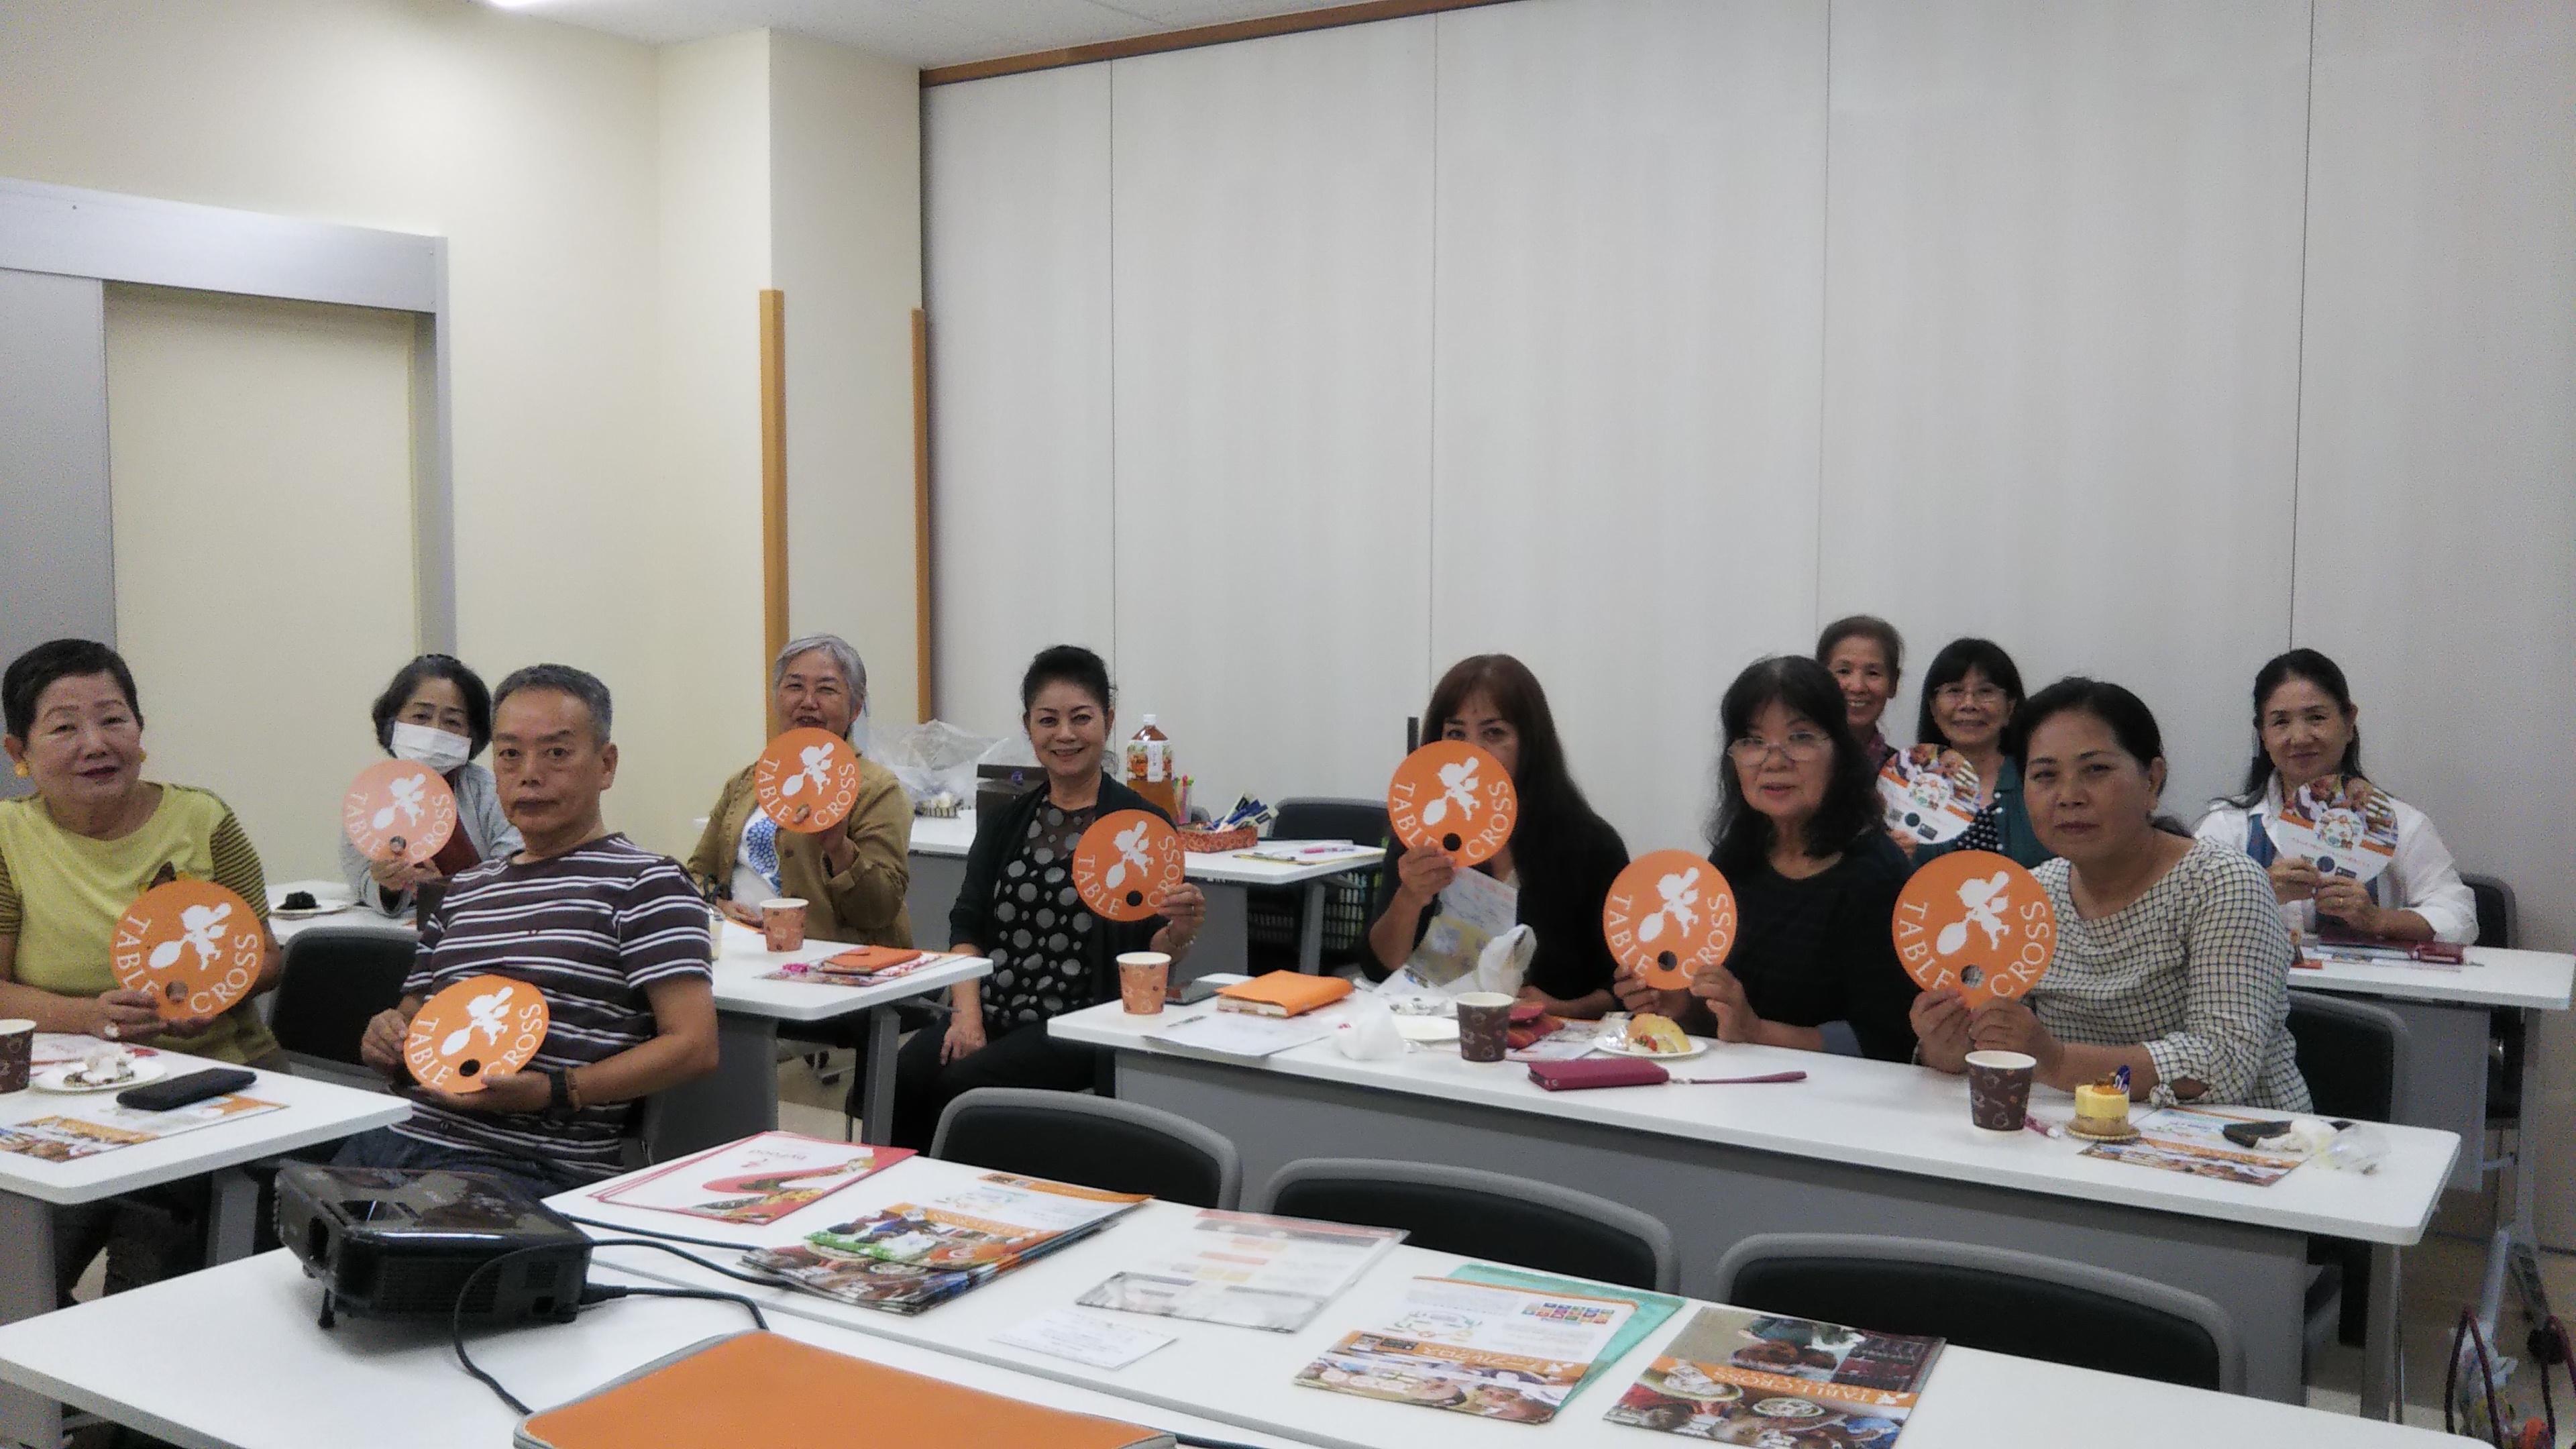 【エンジェル倶楽部】石垣島説明会開催!